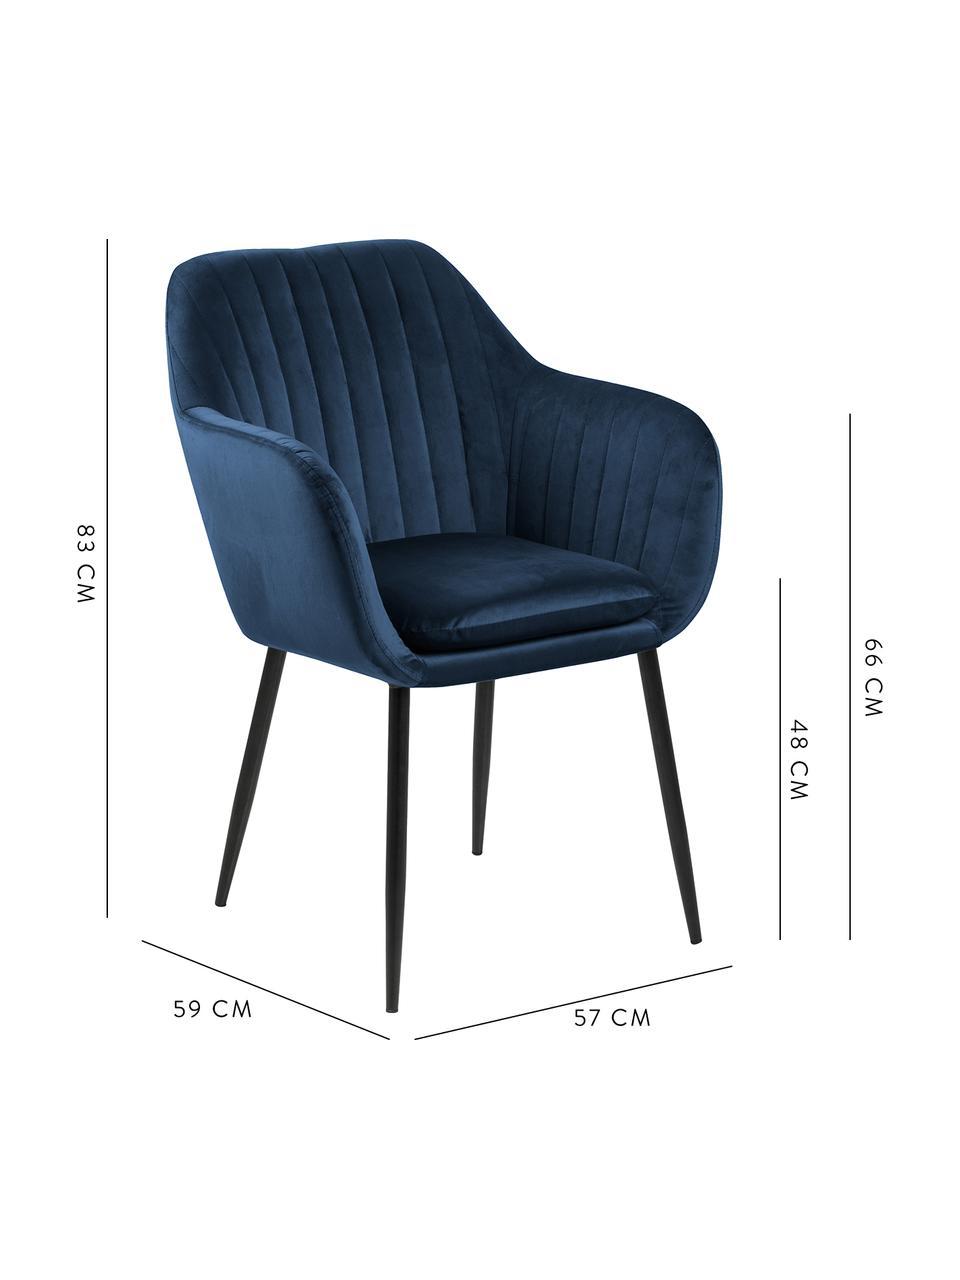 Sametová židle spodručkami a kovovými nohami Emilia, Tmavě modrá Nohy: černá